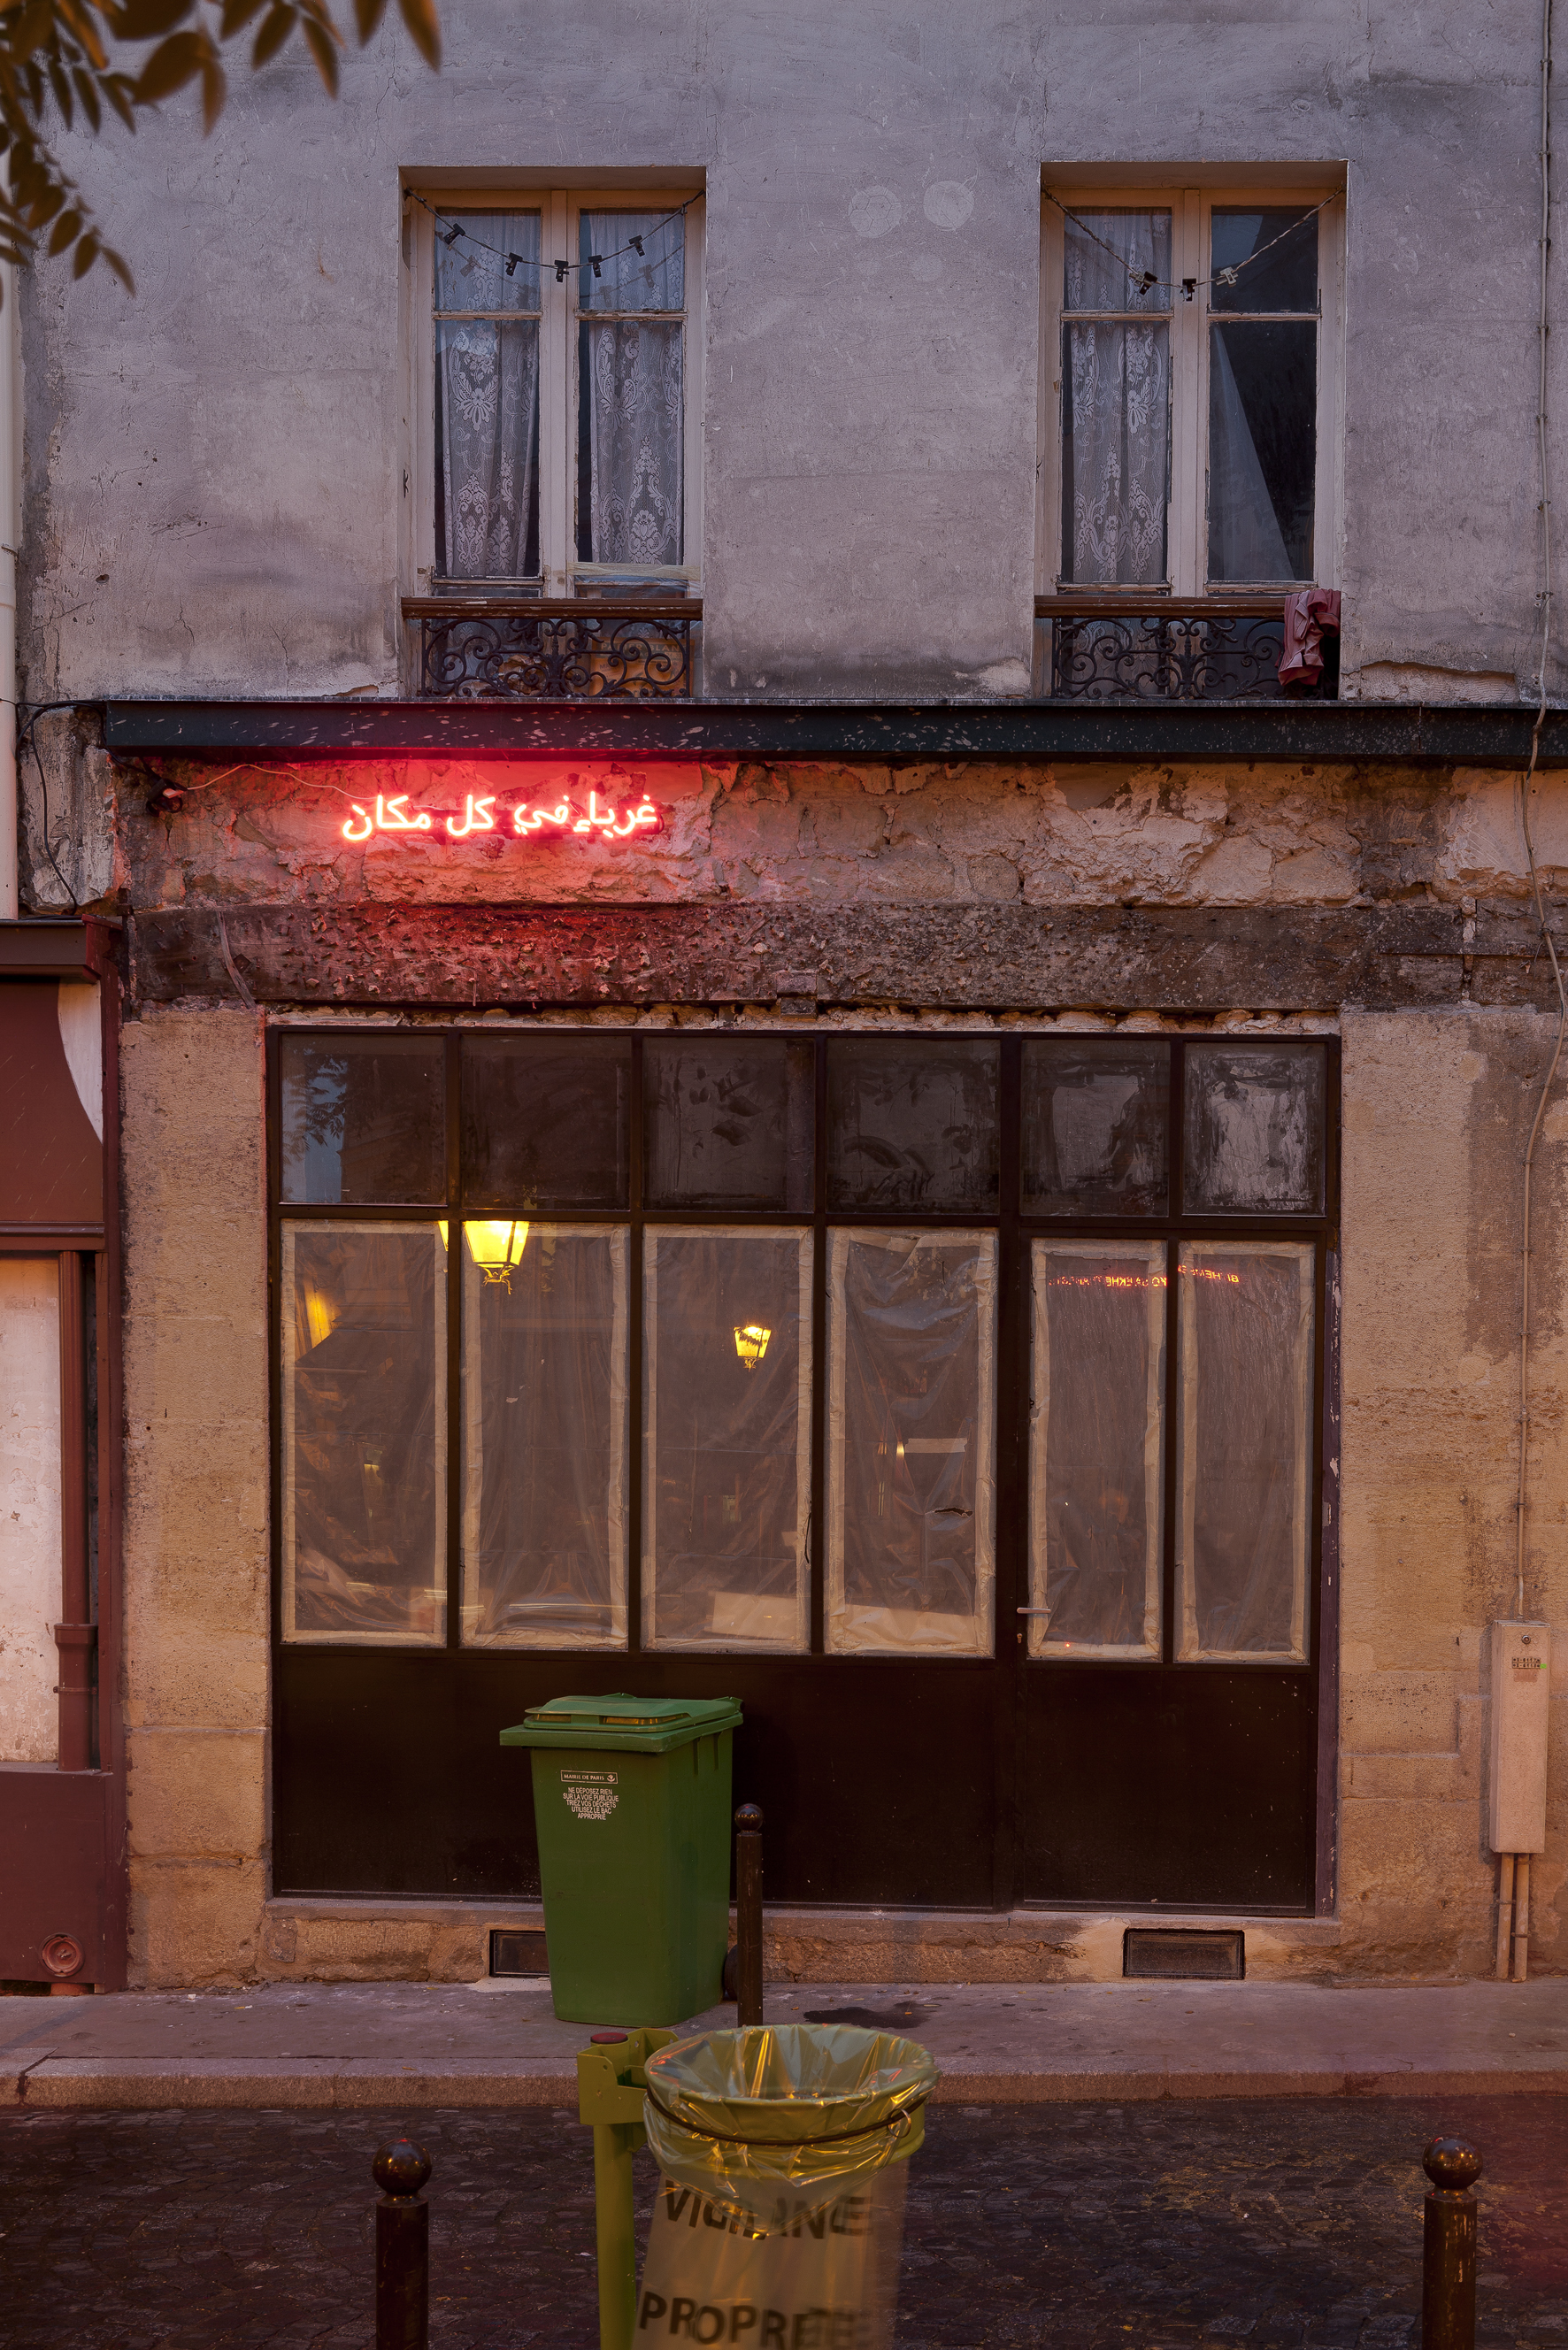 """CLAIRE FONTAINE """"Foreigners Everywhere"""" (Arabic) vue de l'installation QDM dans le quartier Sainte Marthe, Nuit Blanche Octobre 2010.Courtesy the artist http://www.clairefontaine.ws/bio_fr.html"""